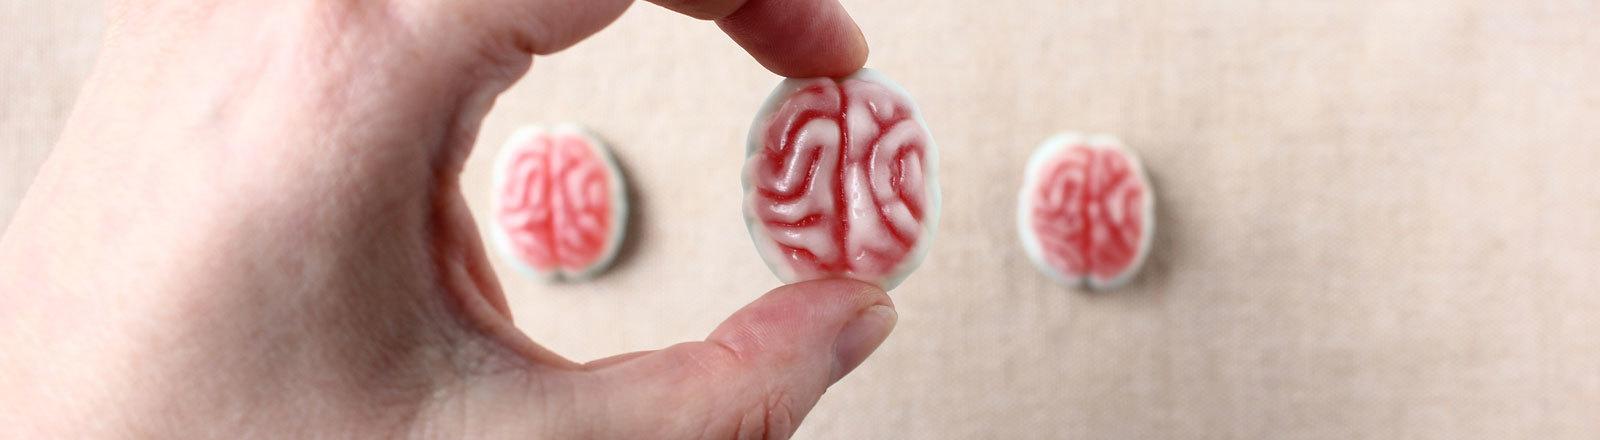 Eine Person hält ein Gehirn aus Fruchtgummi in der Hand.